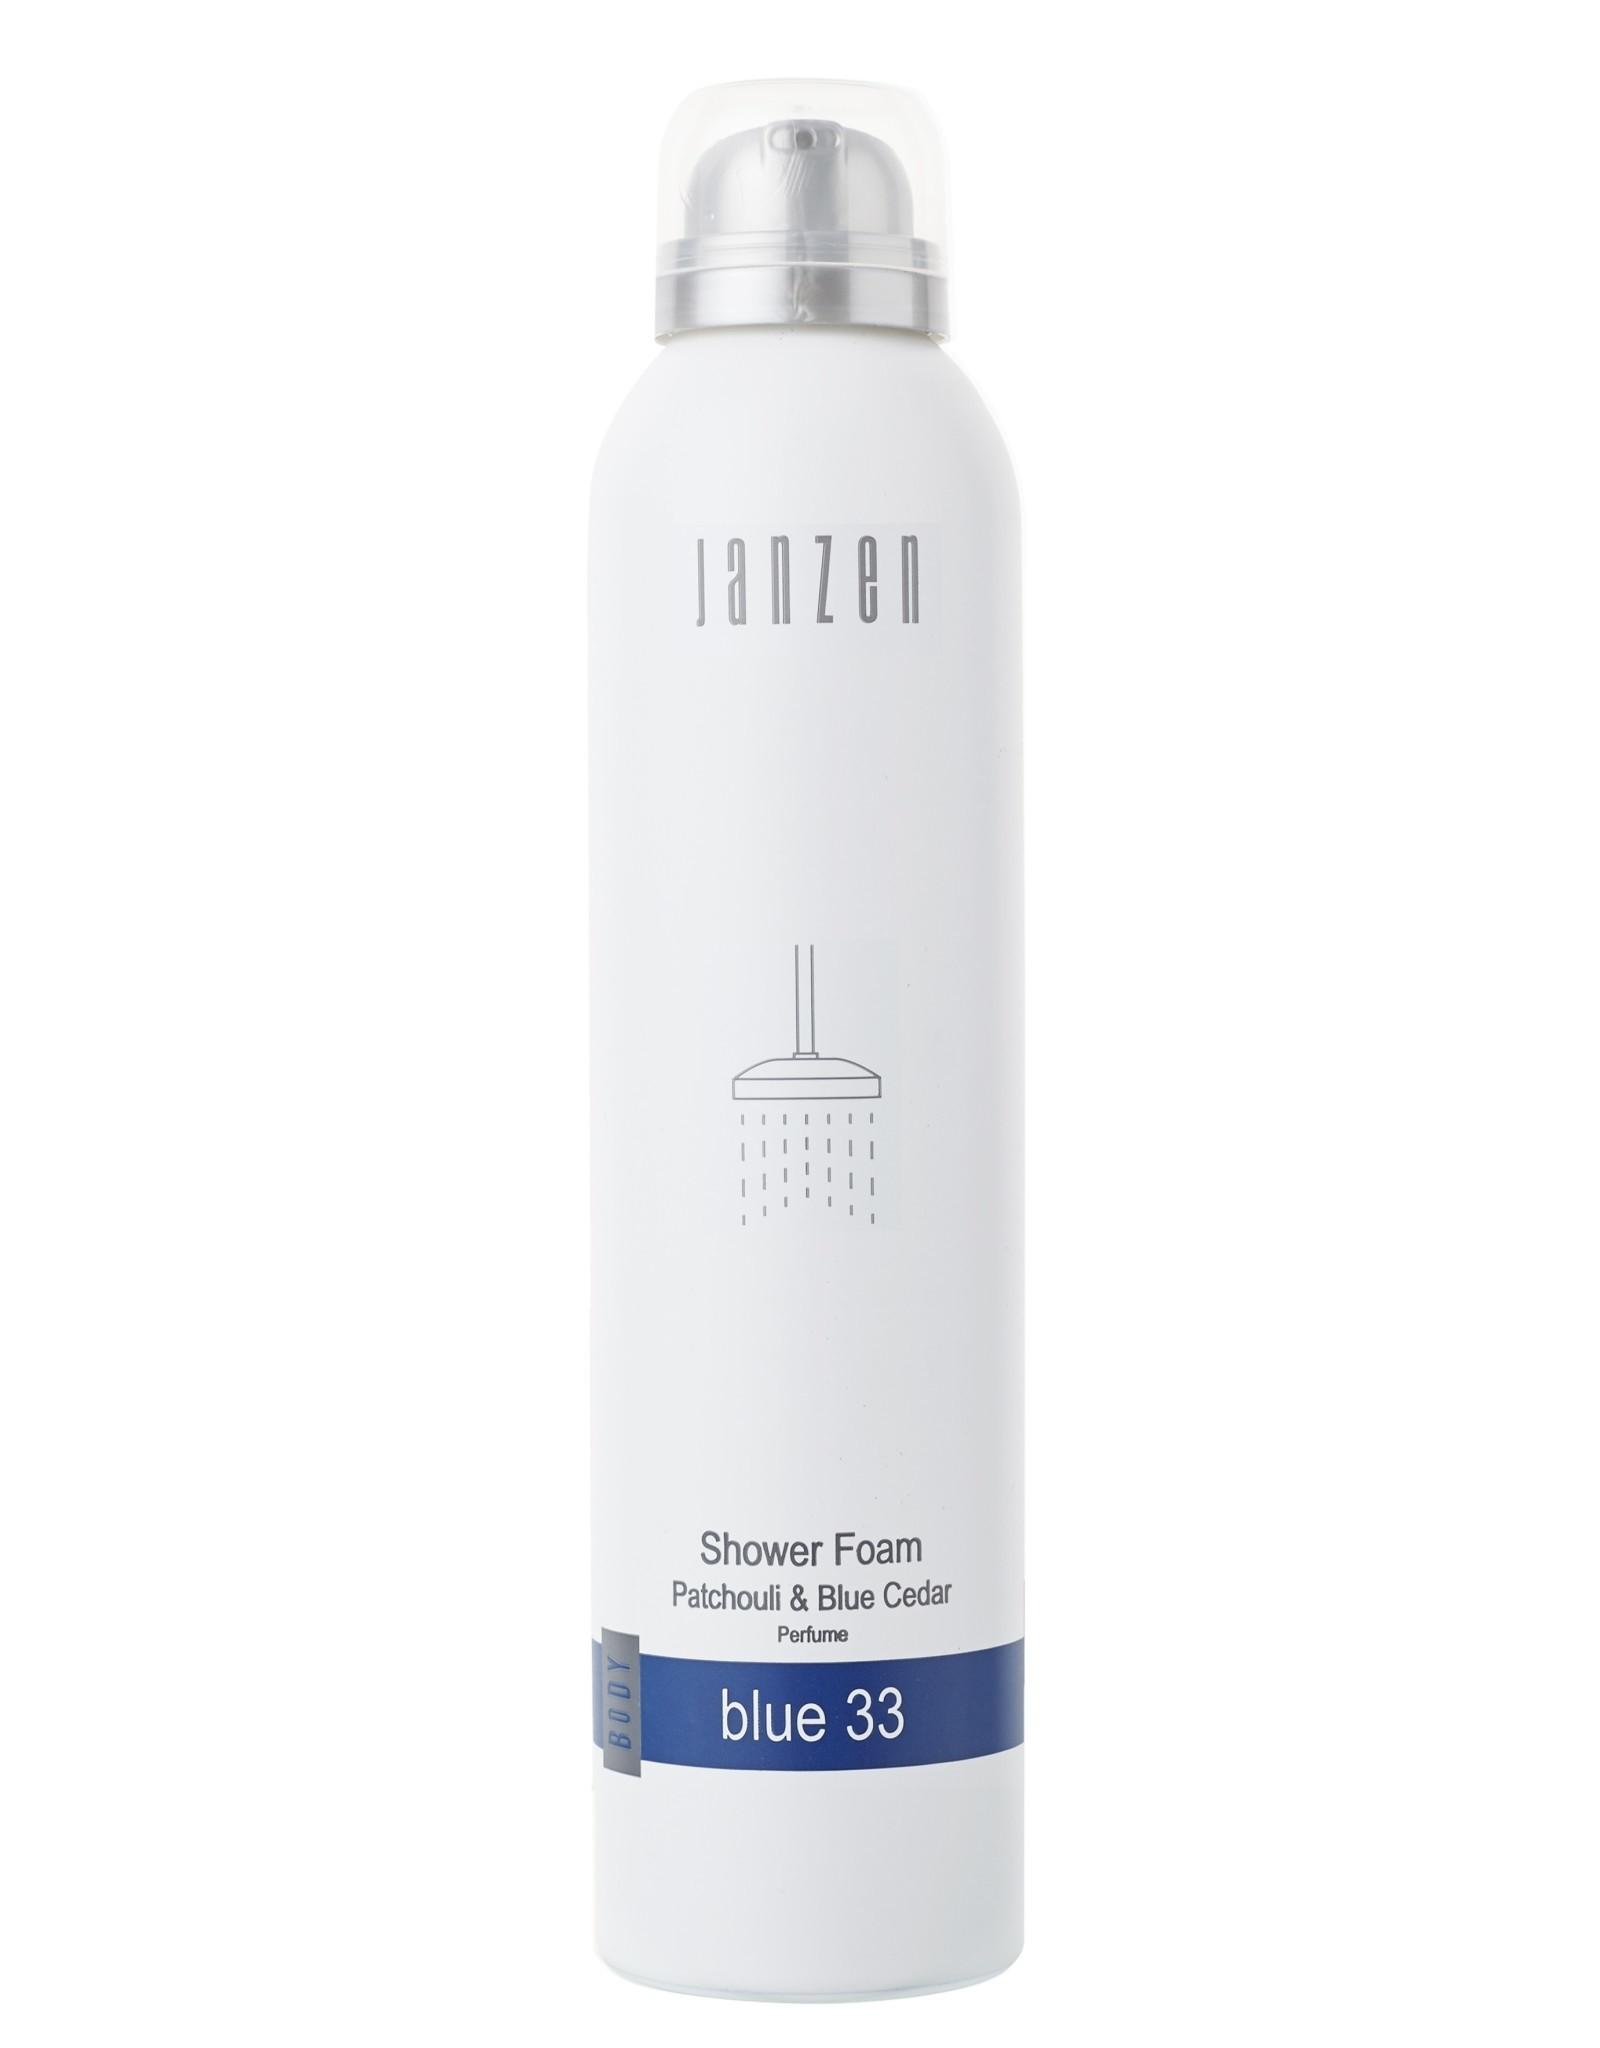 JANZEN Shower Foam 200ml Blue 33 - JANZEN